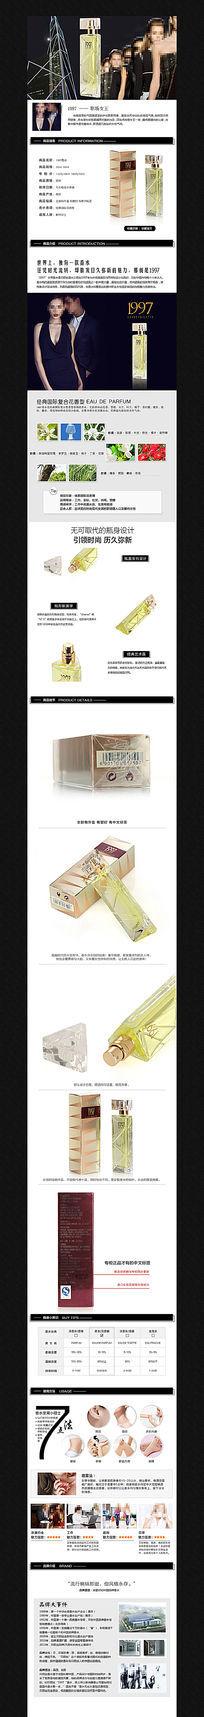 淘宝女士香水详情页描述图设计模板